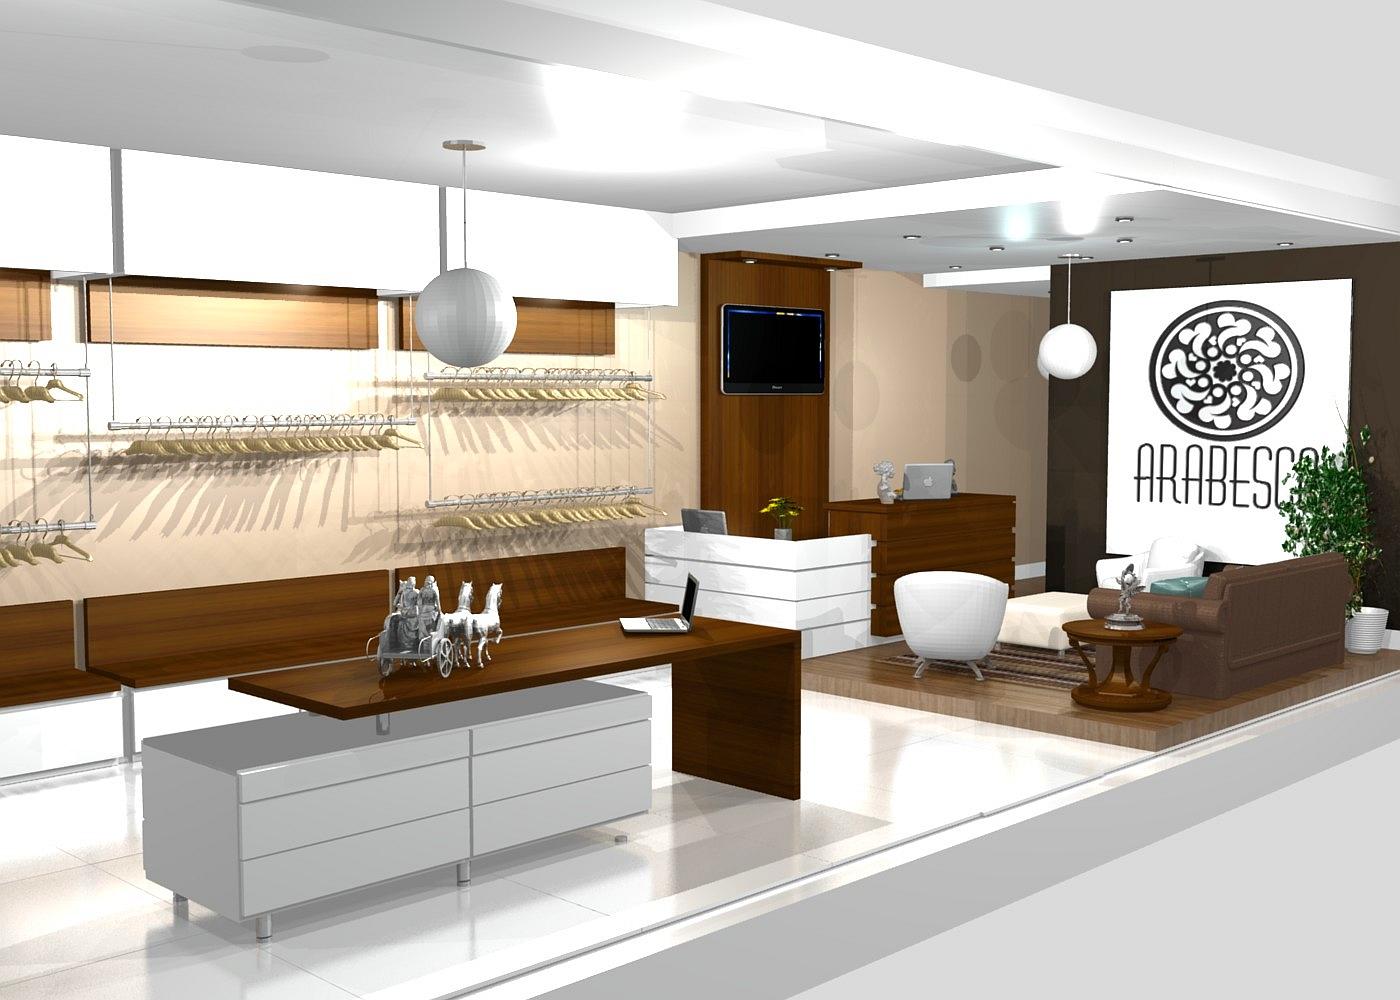 #603D1A projeto de cozinha planejada em mdf 1400x1000 px Projetos De Cozinha Mdf #365 imagens